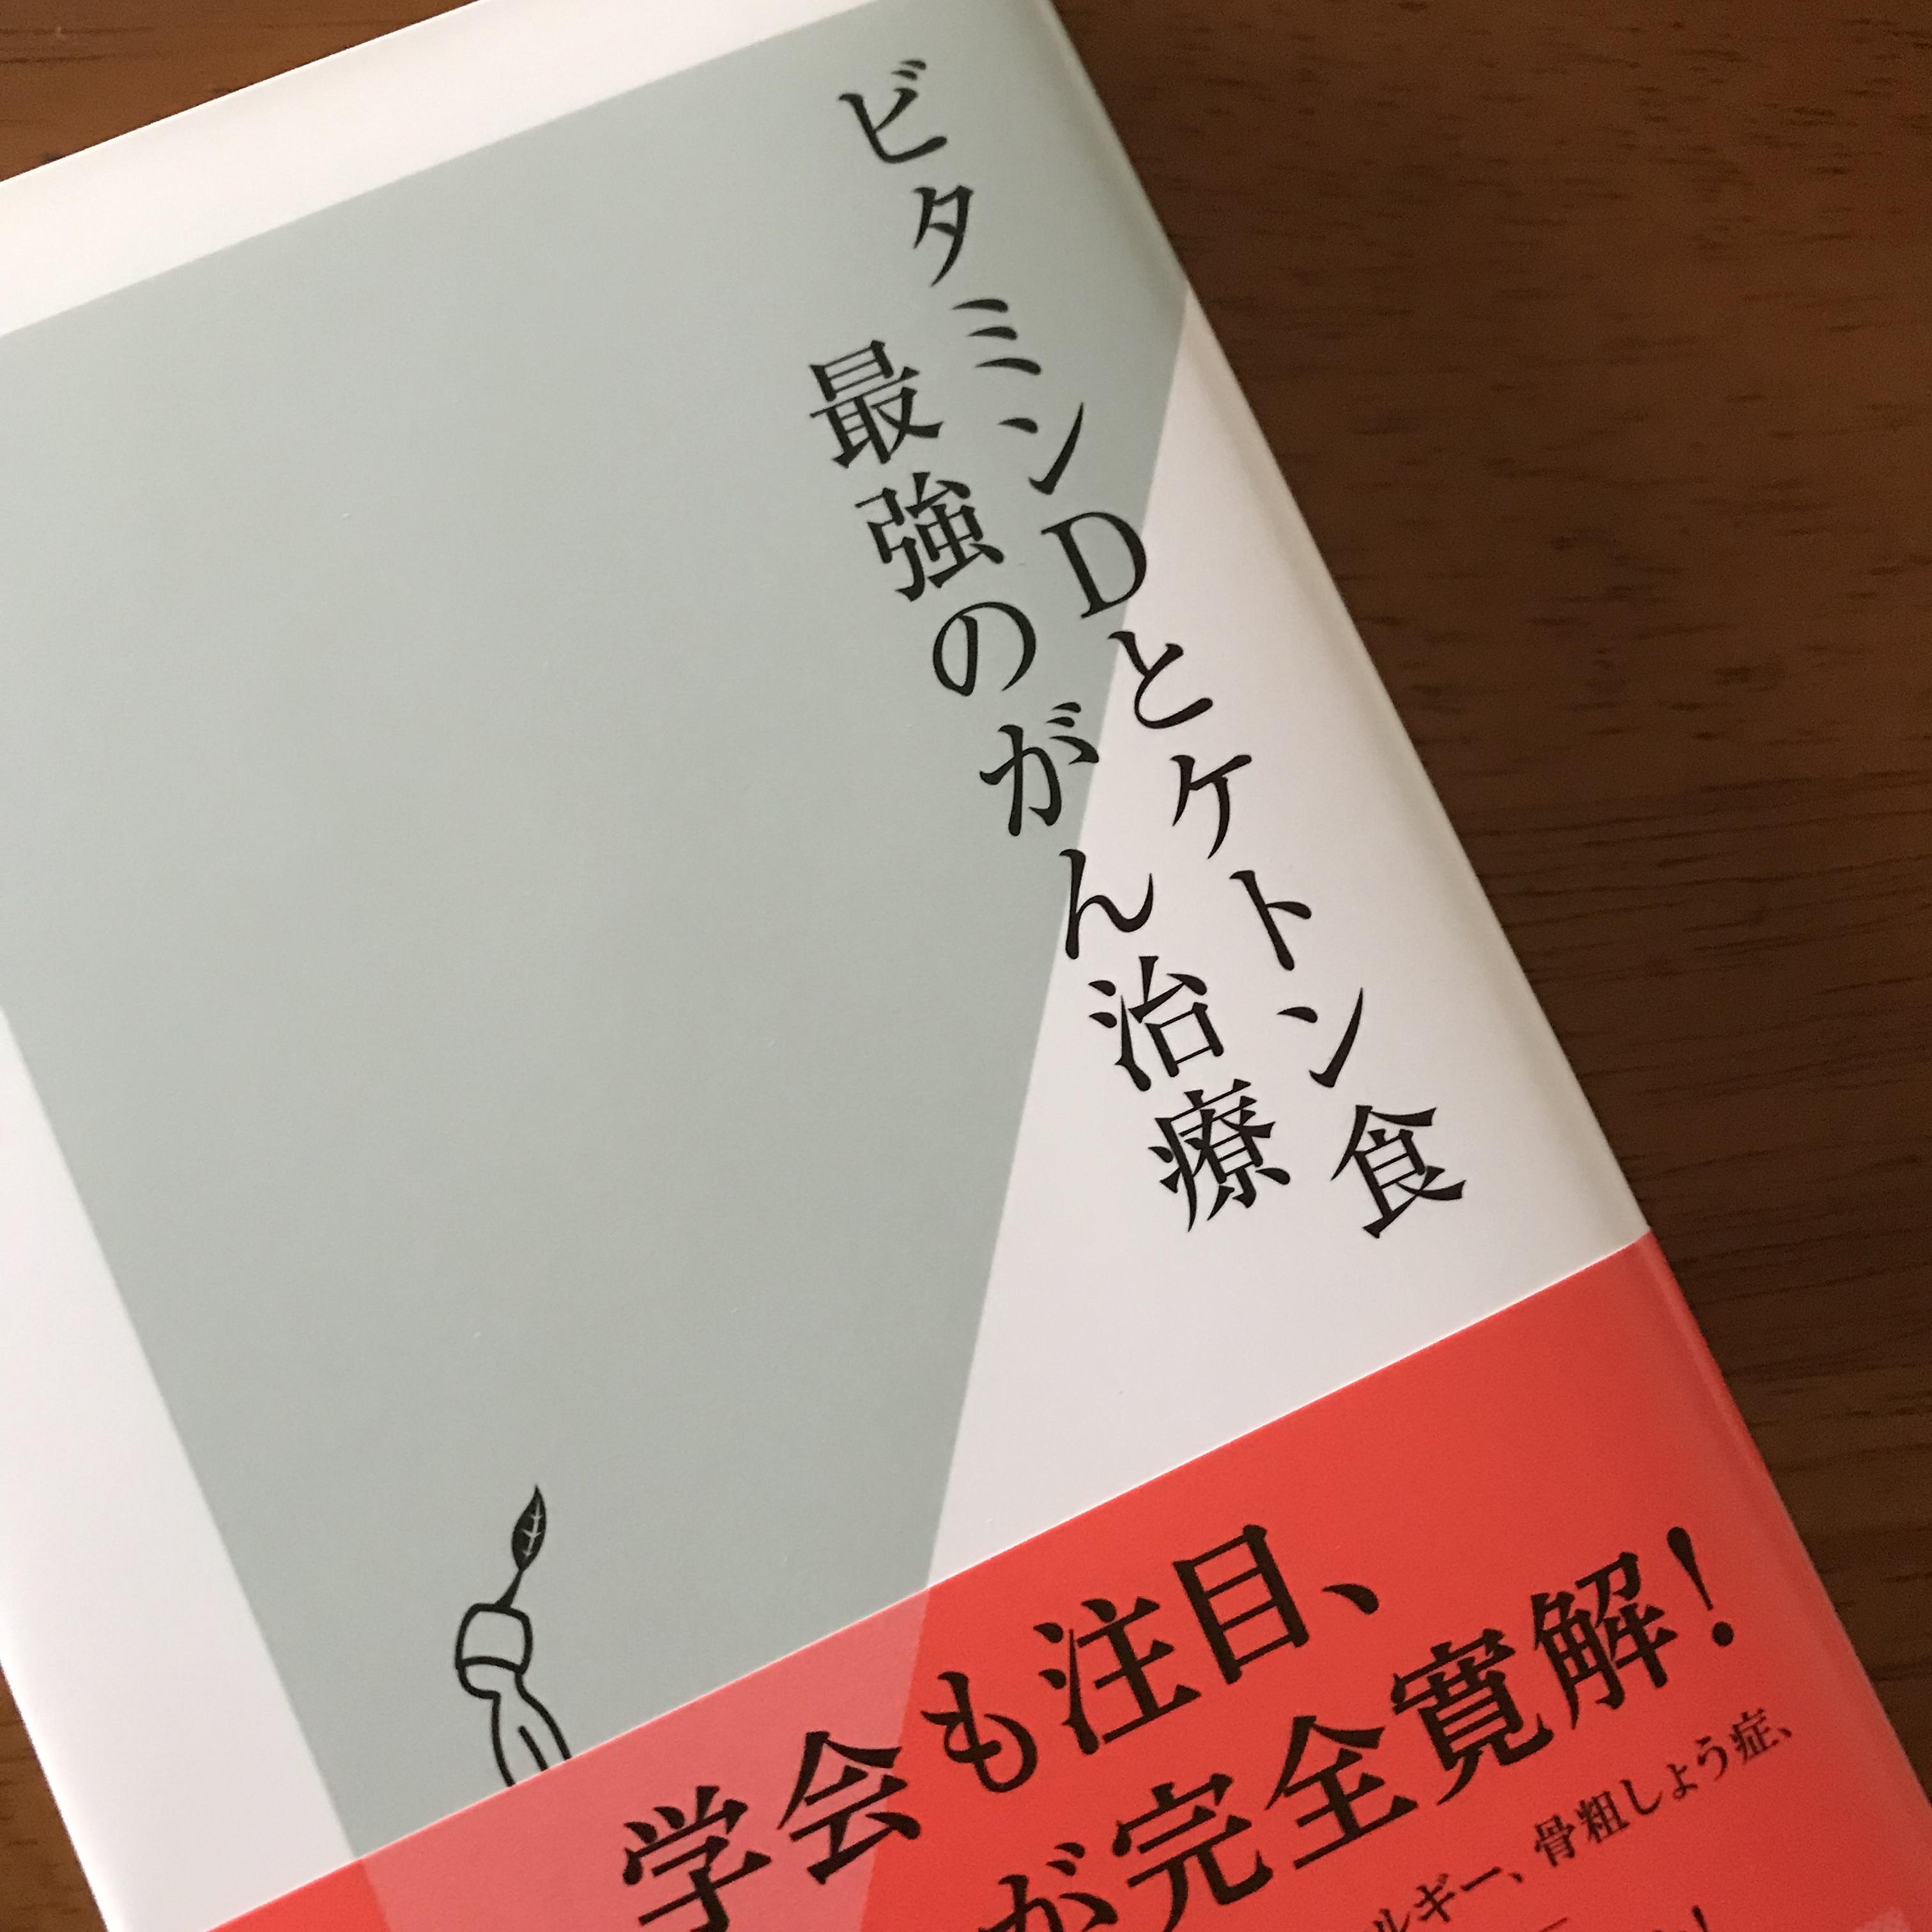 乳がん友が教えてくれた新しい本